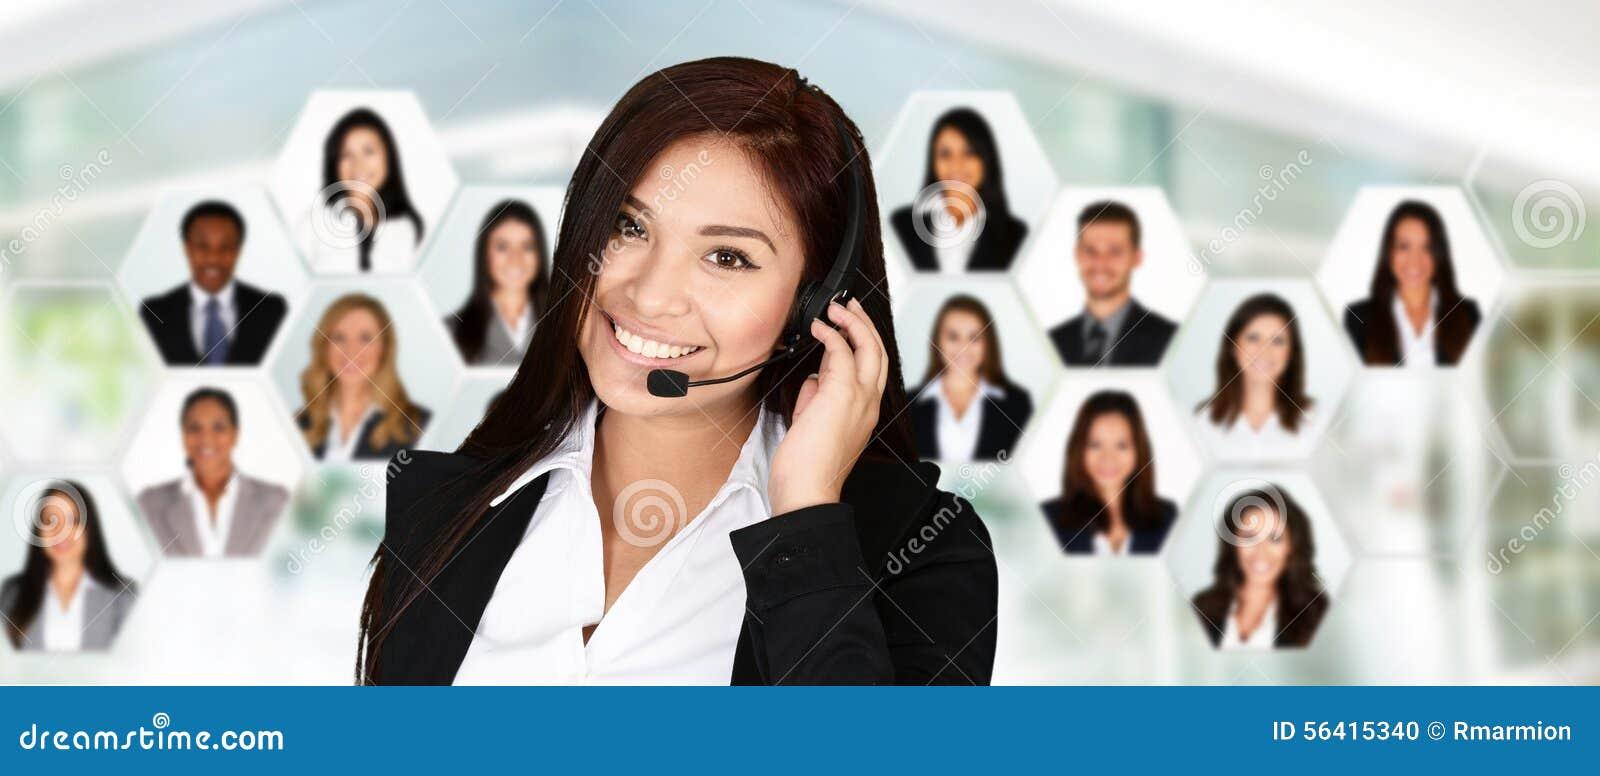 Anioł jako piękną bizneswoman chmur klienta przyjacielską pomoc miłości pomocne usług uśmiecha się bardzo